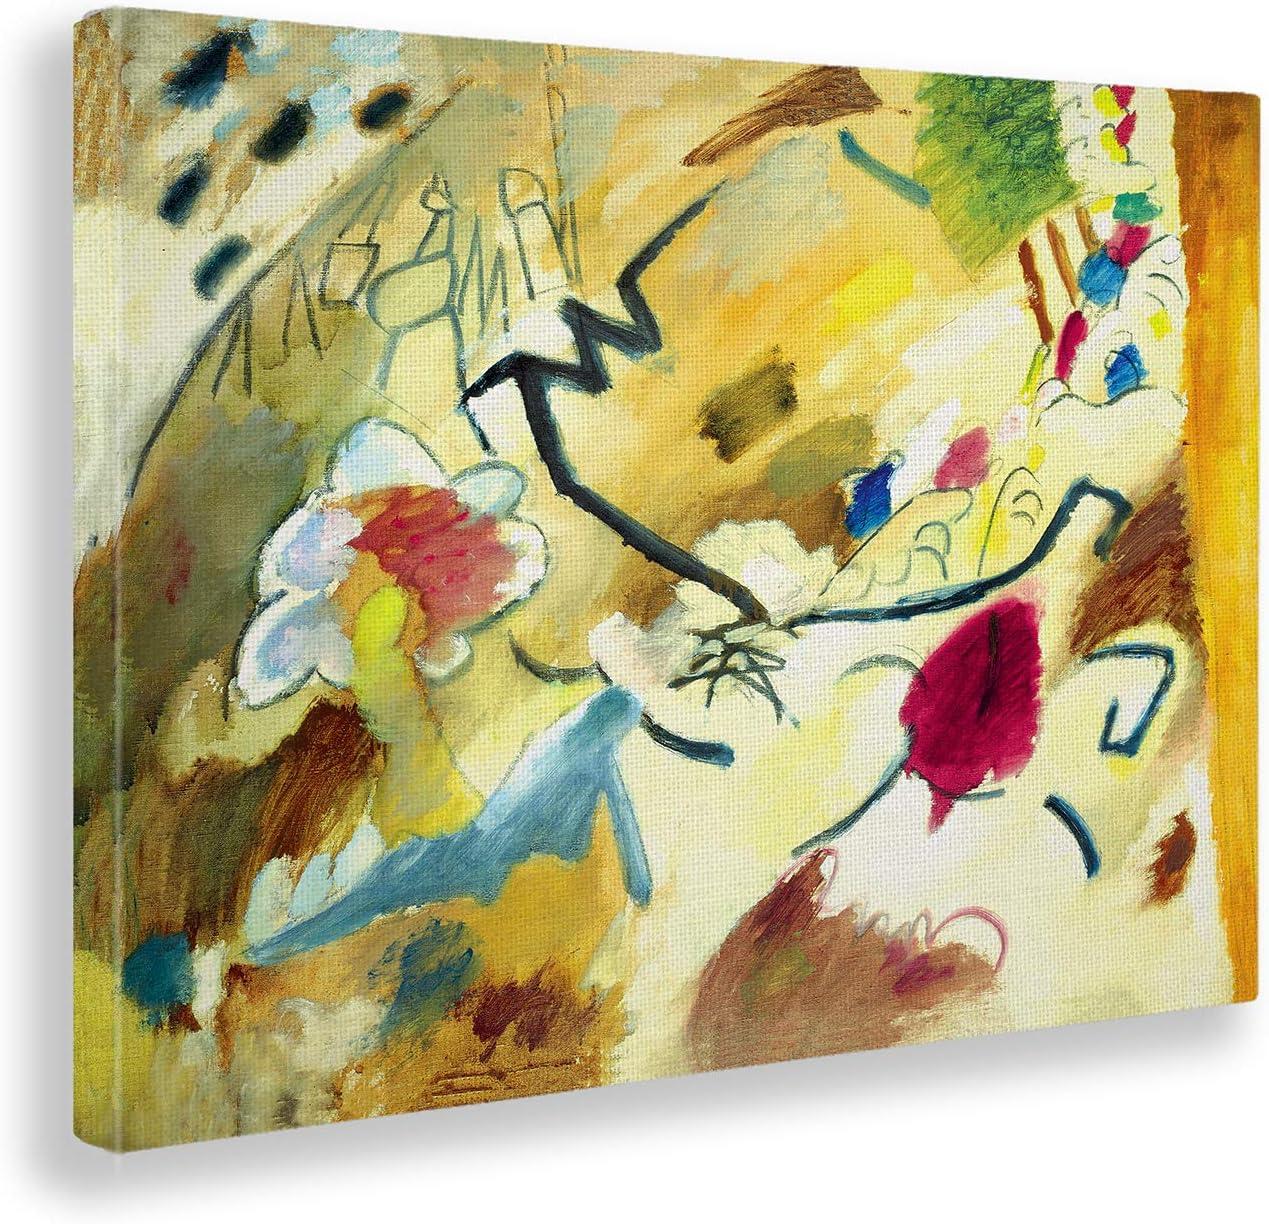 Giallobus - Cuadro - Kandinsky - Improvisación con Caballos - Estampado en Lienzo - Listo para Colgar - Varios tamaños - 70x50 cm